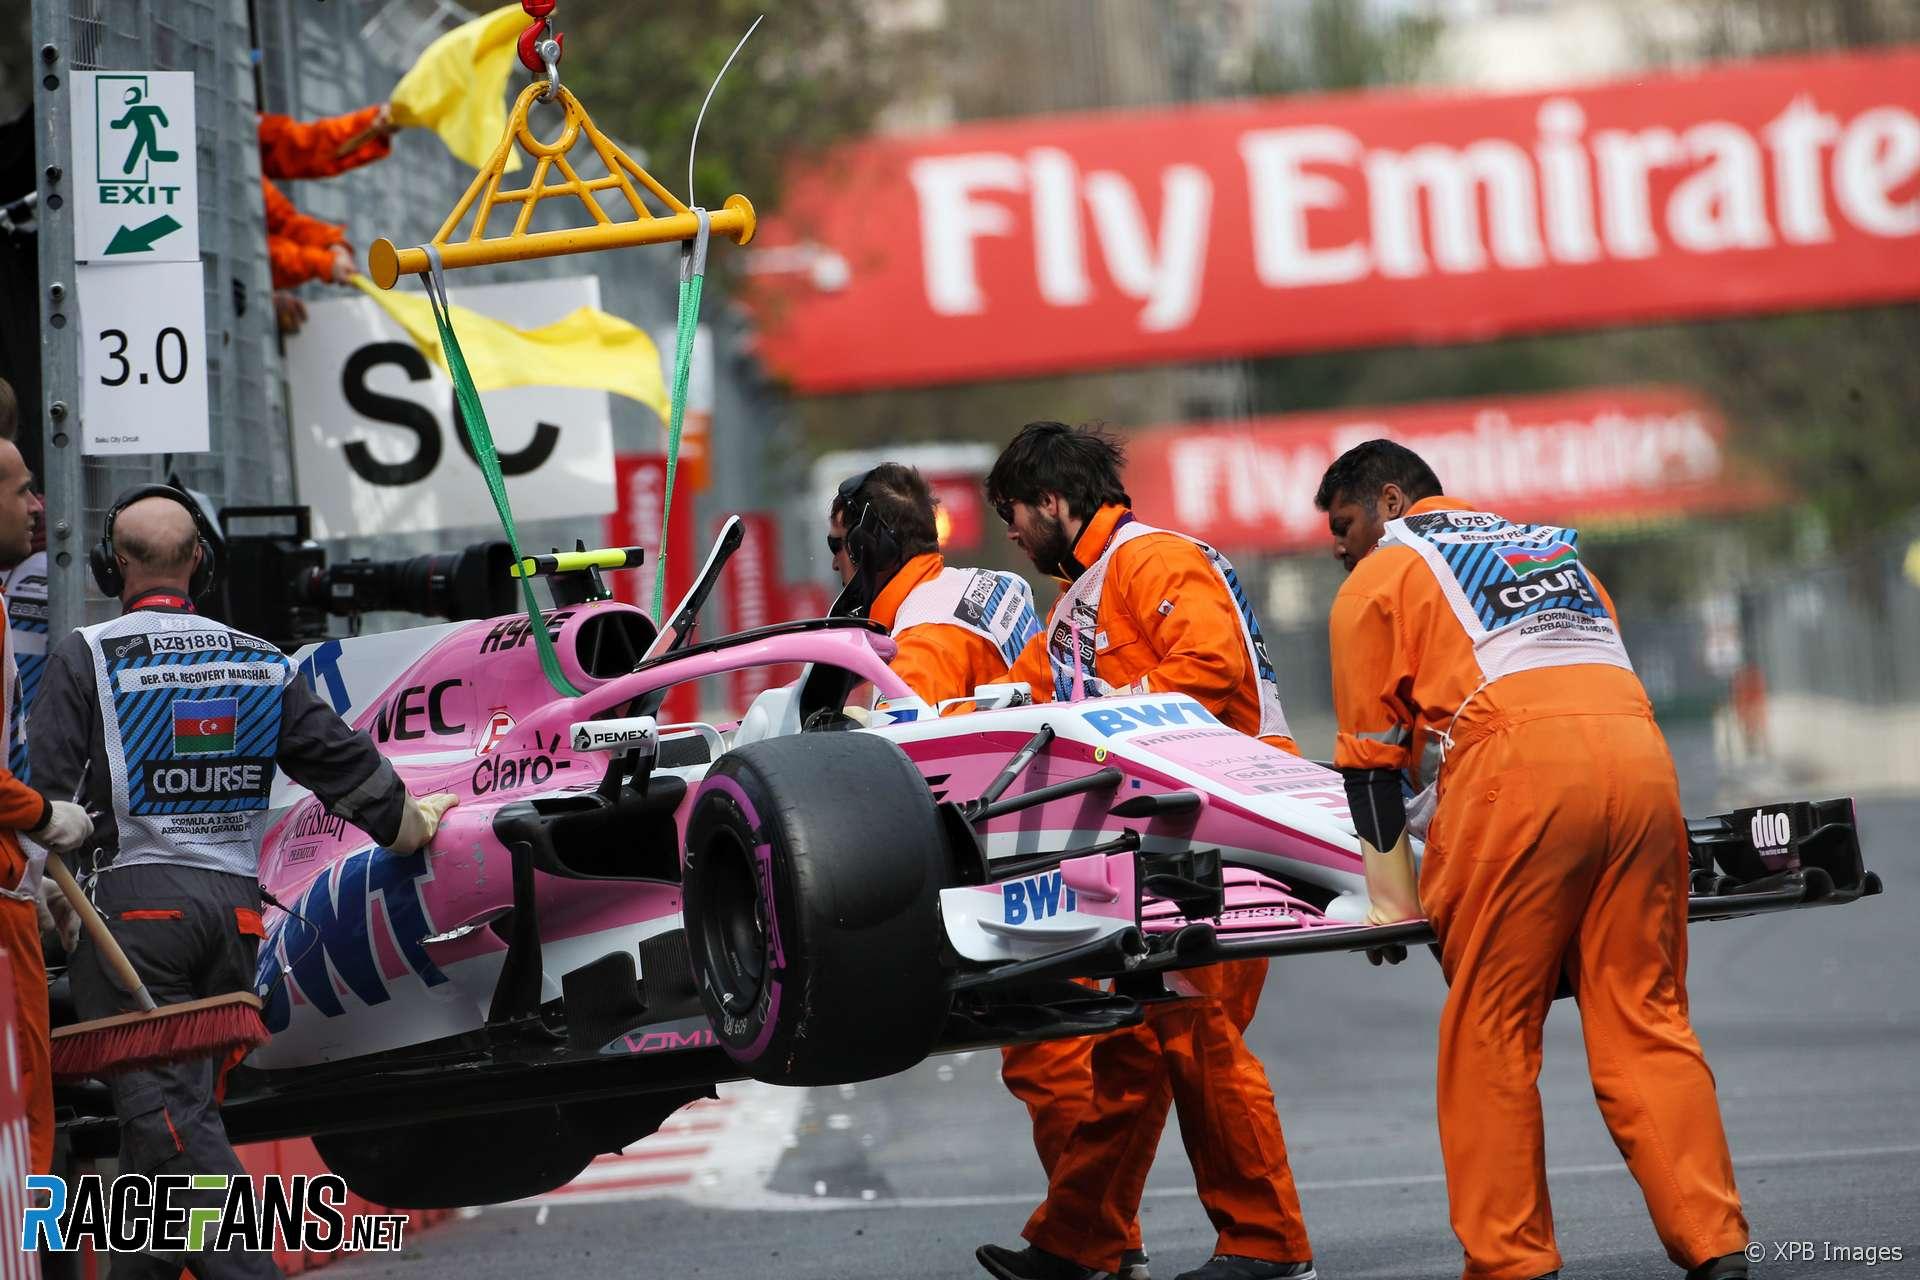 Esteban Ocon, Force India, Baku City Circuit, 2018